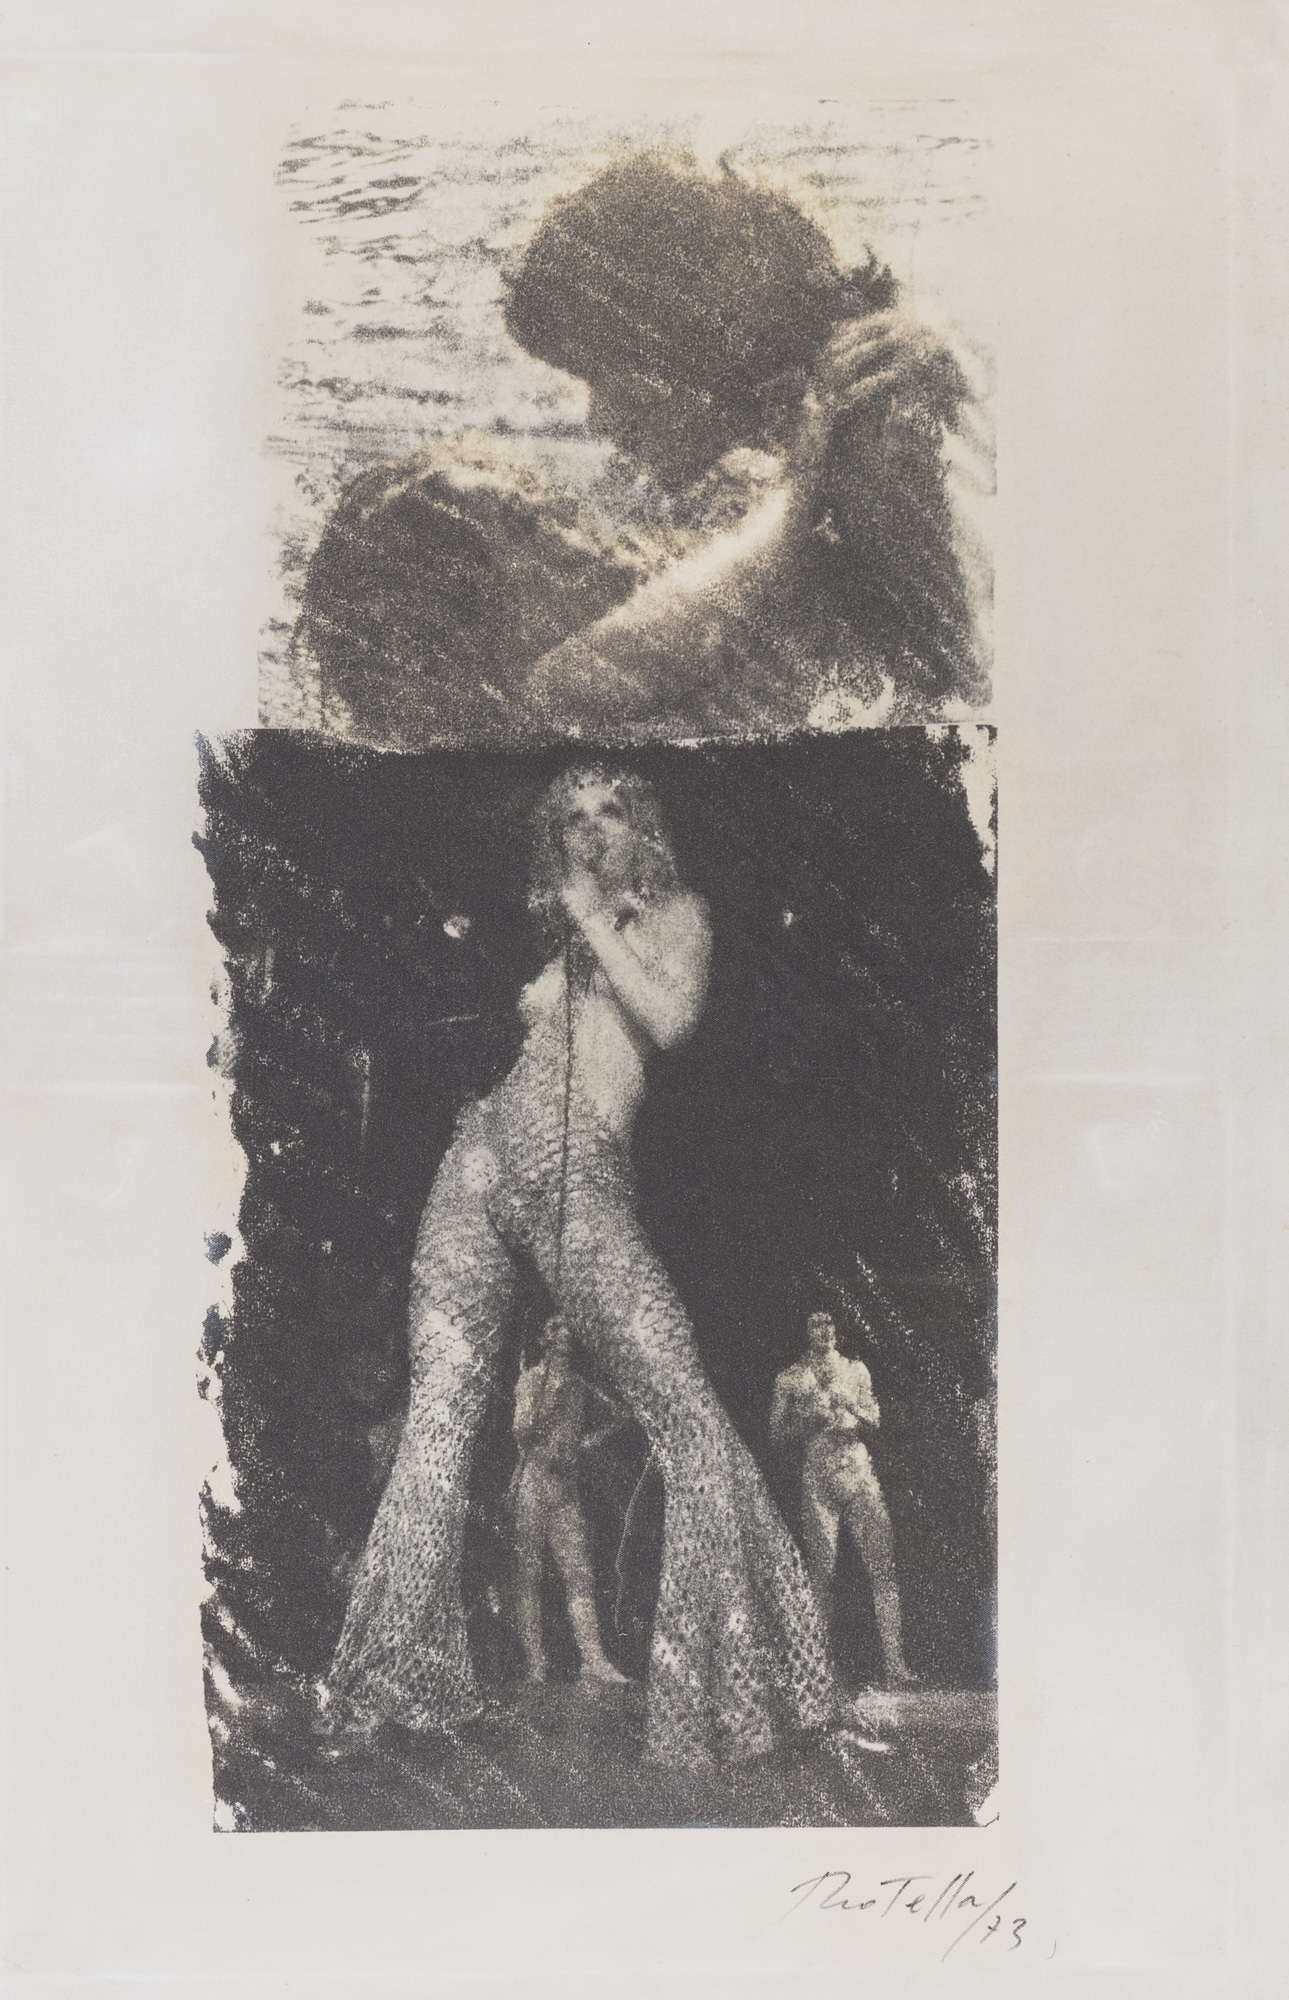 La Chanteuse, 1973